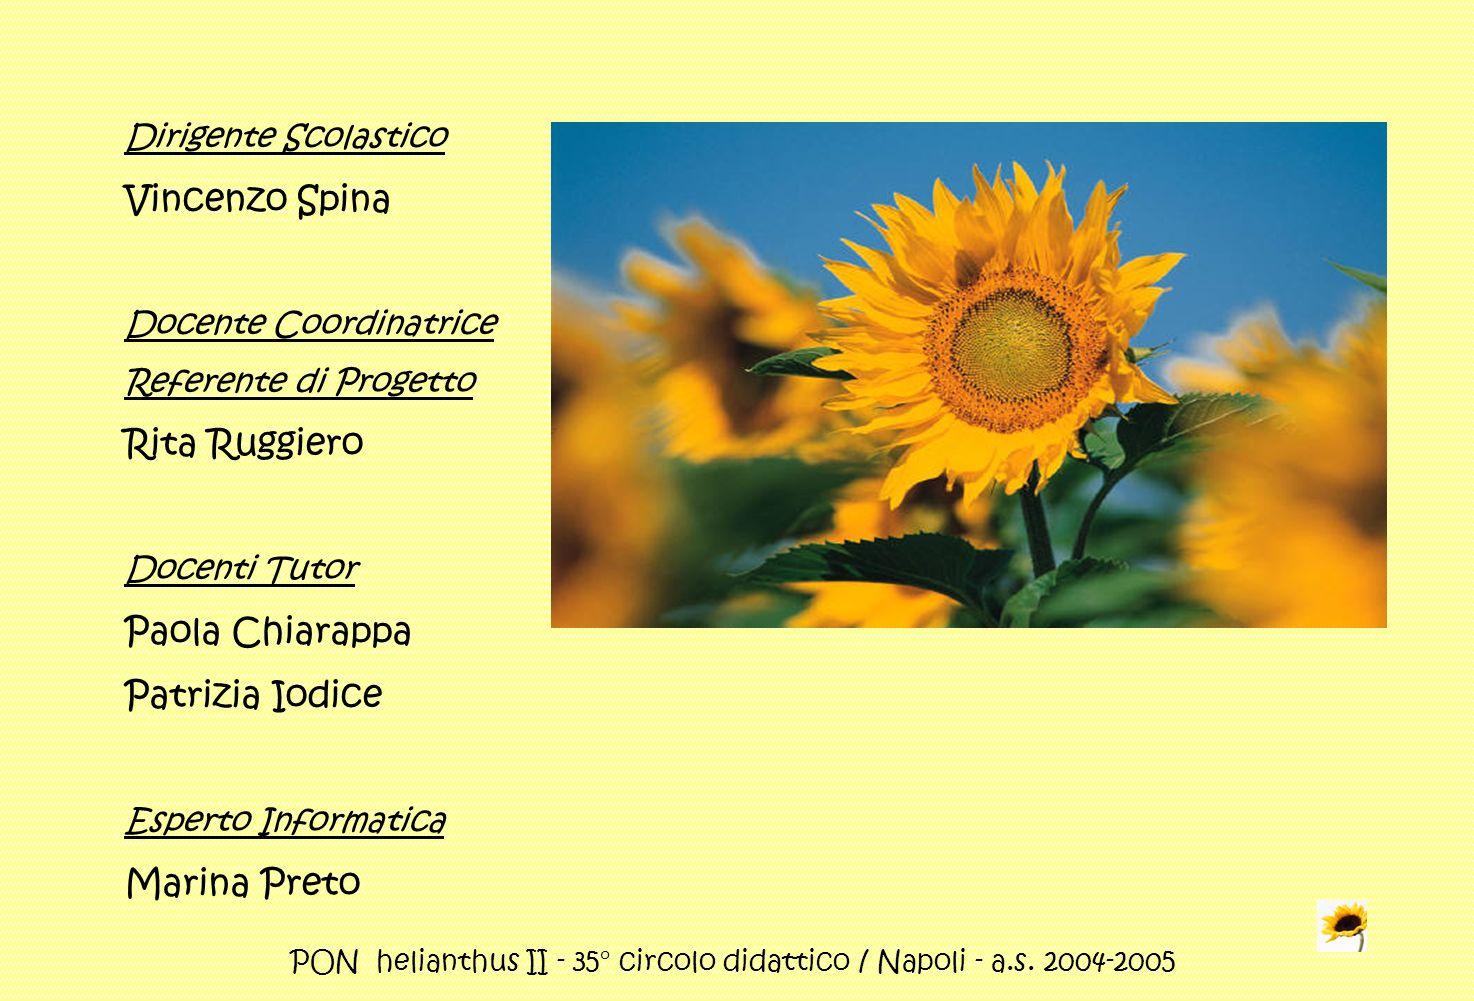 PON helianthus II - 35° circolo didattico / Napoli - a.s. 2004-2005 Dirigente Scolastico Vincenzo Spina Docente Coordinatrice Referente di Progetto Ri